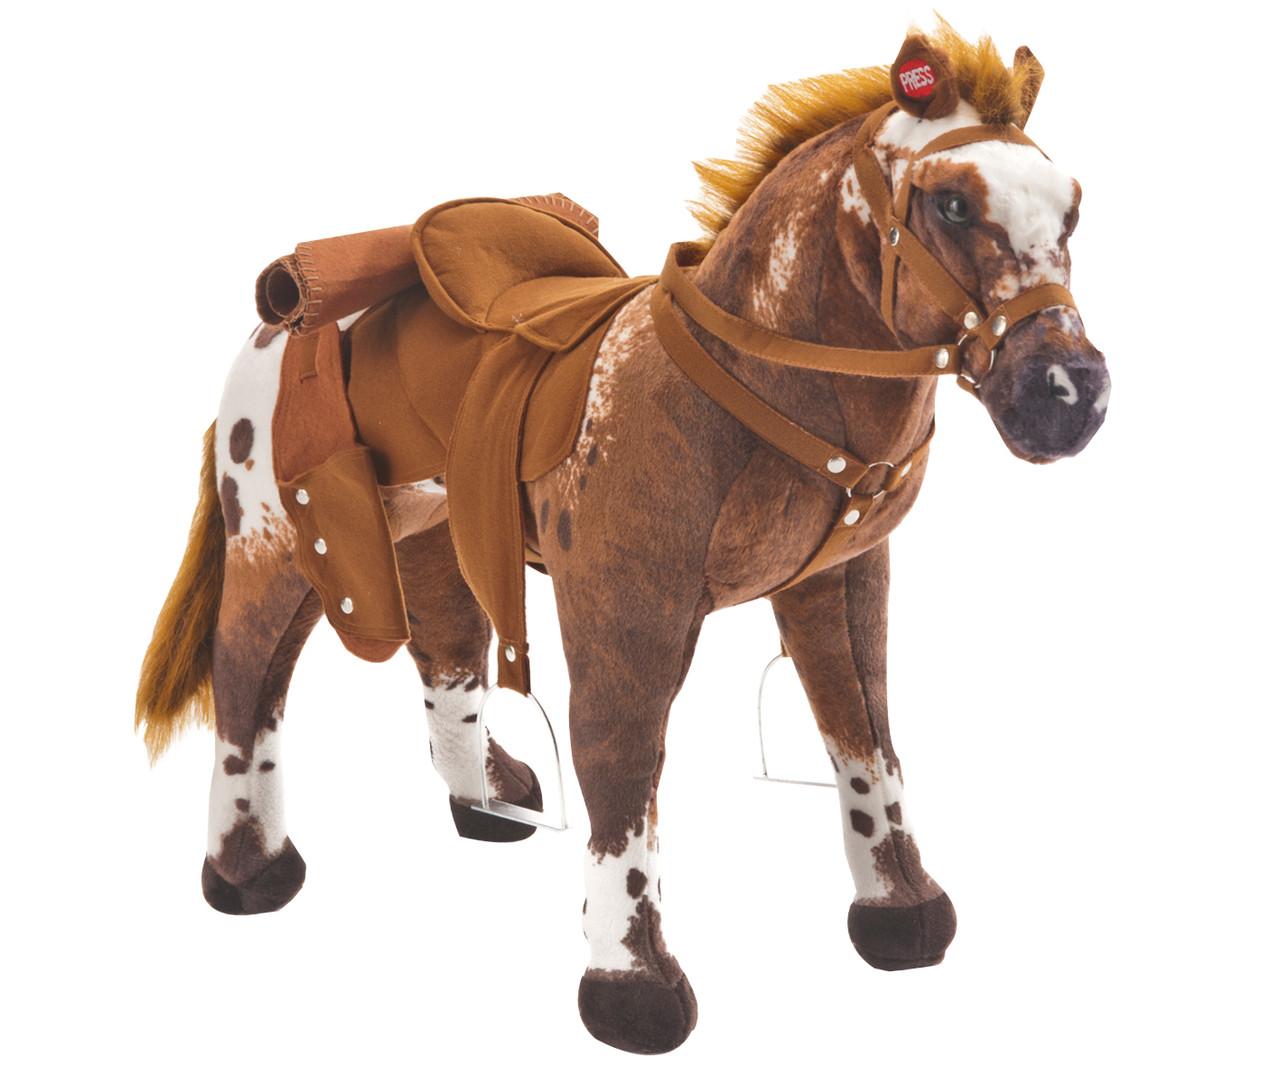 Реалистичная лошадка для детей Happy People 58937 со звуком